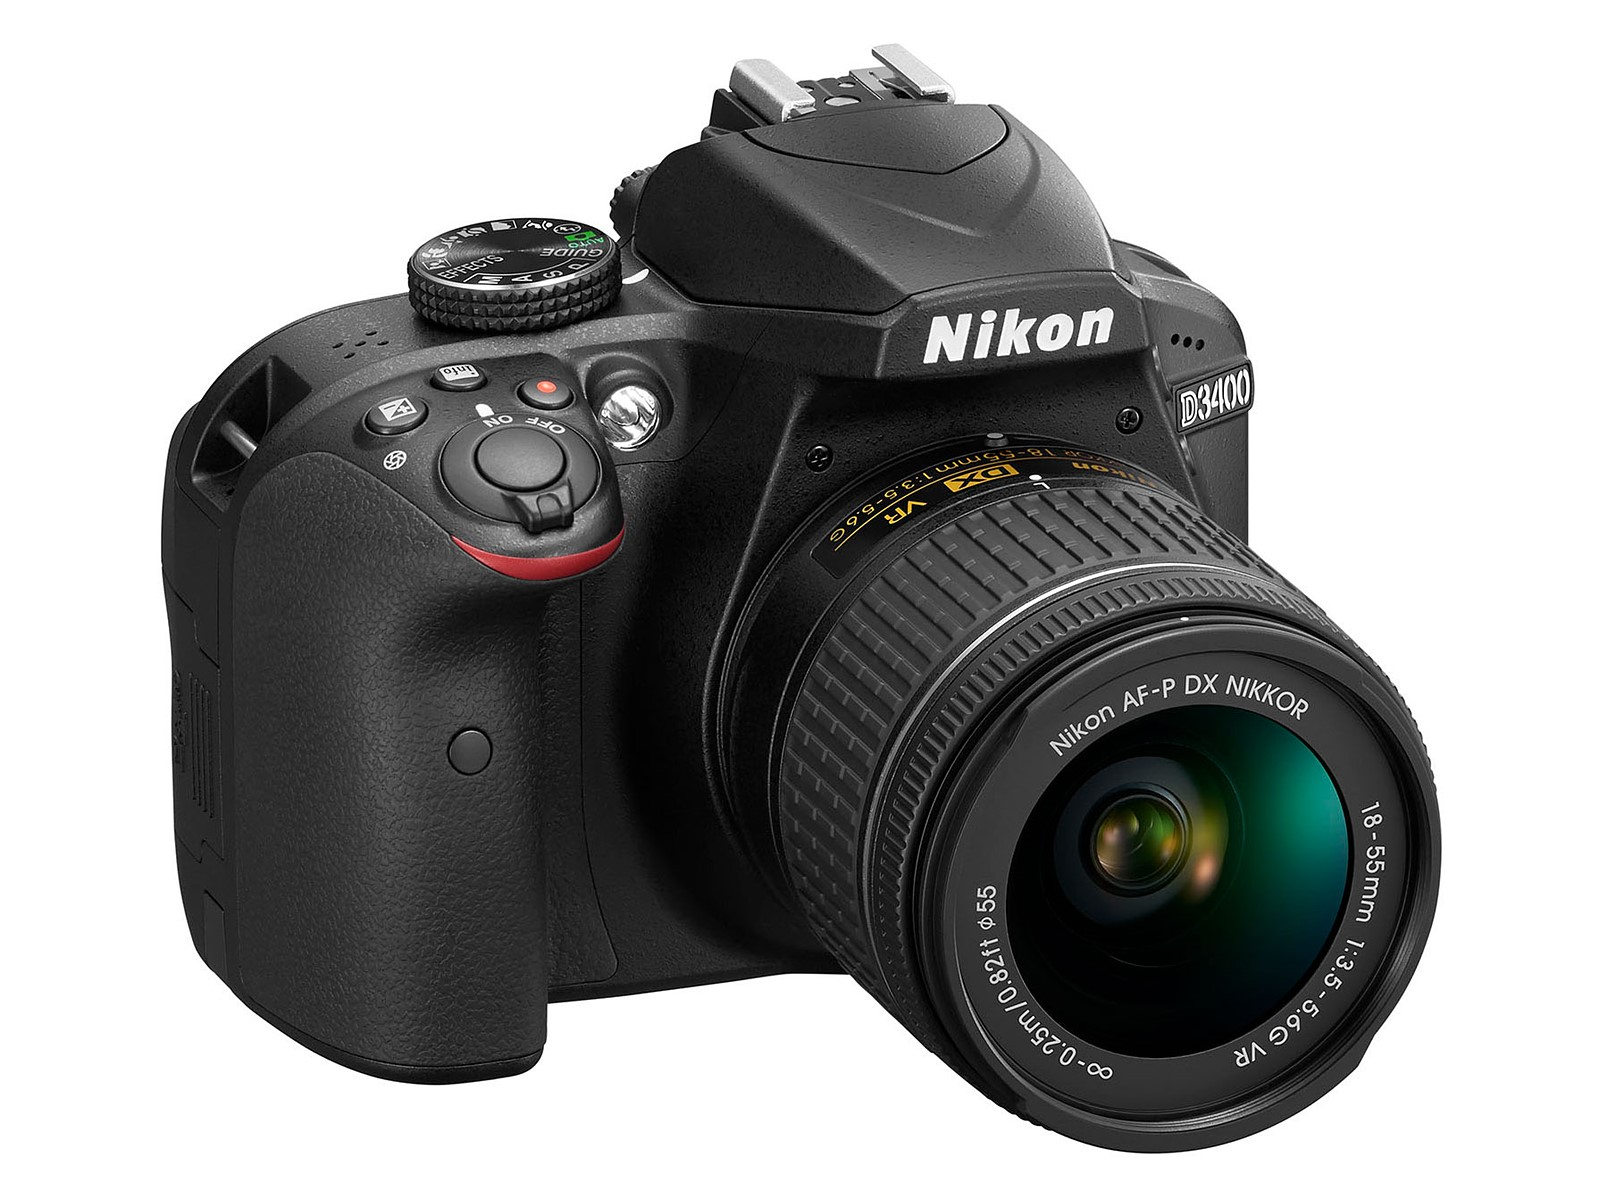 Nikon D3400 DSLR camera becomes official